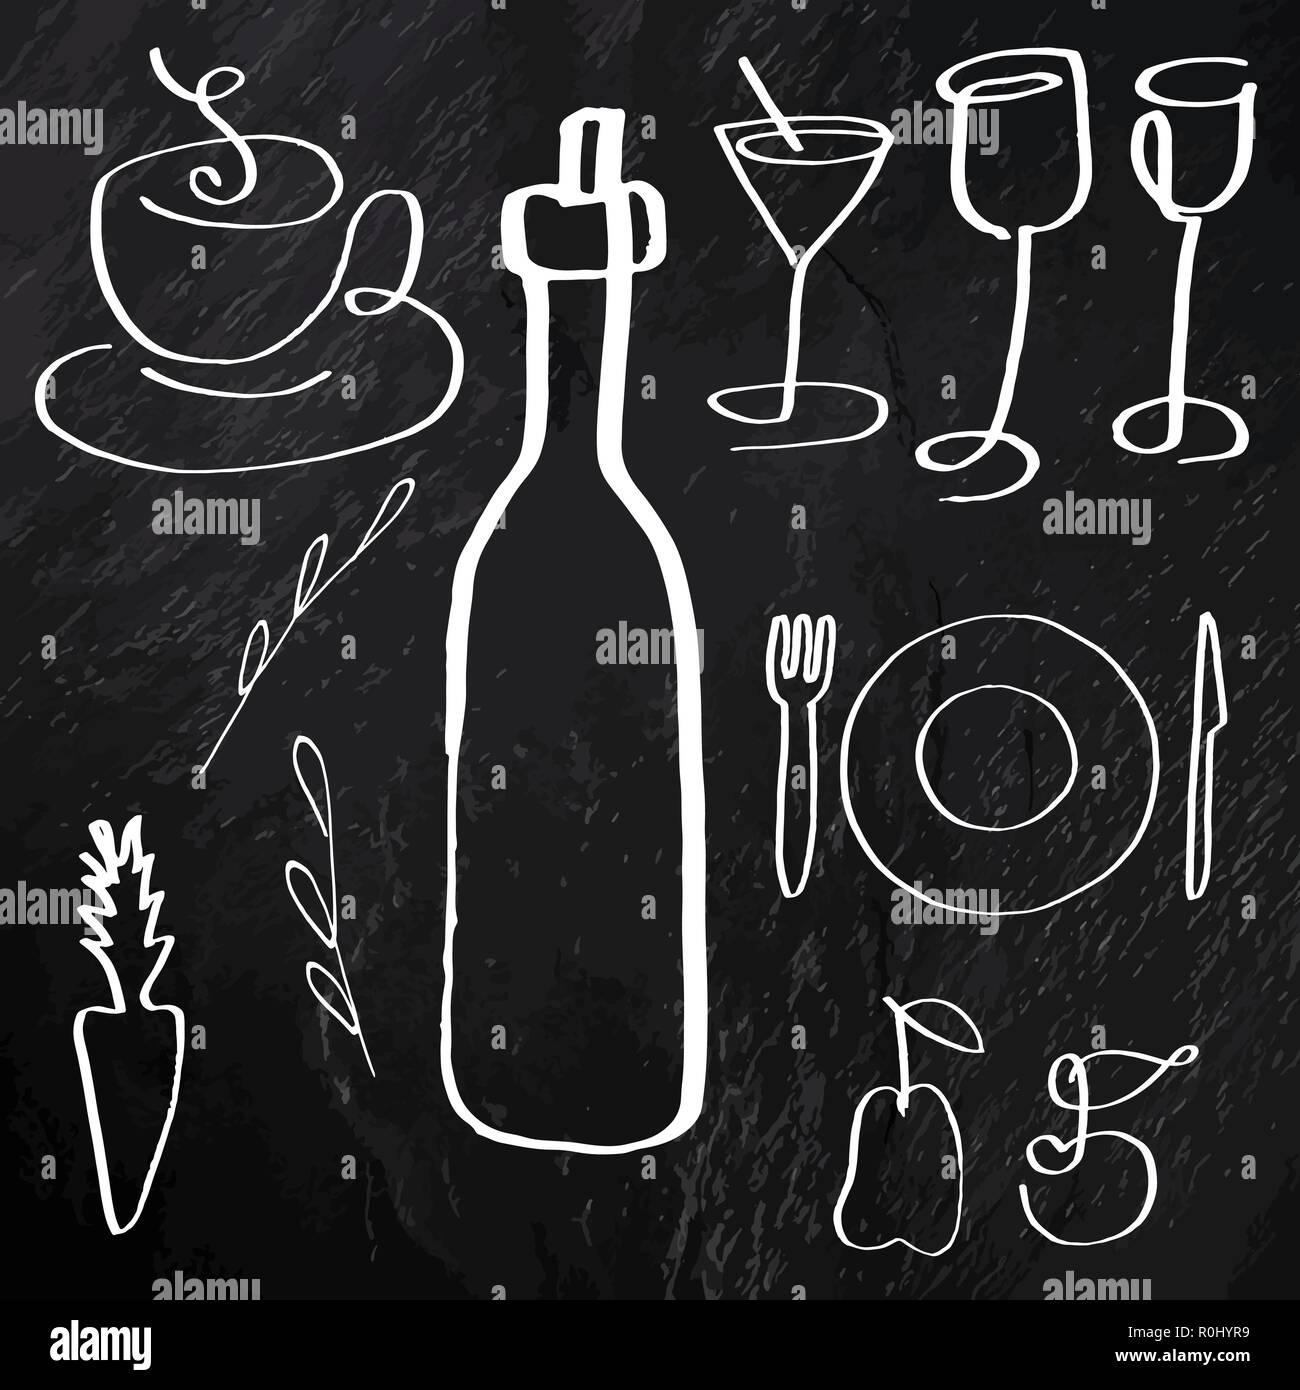 Un ensemble de vecteur de la nourriture et des boissons, les icônes d'art de la ligne à la main, sur un fond noir texture, éléments de conception pour un menu et une carte des vins Illustration de Vecteur